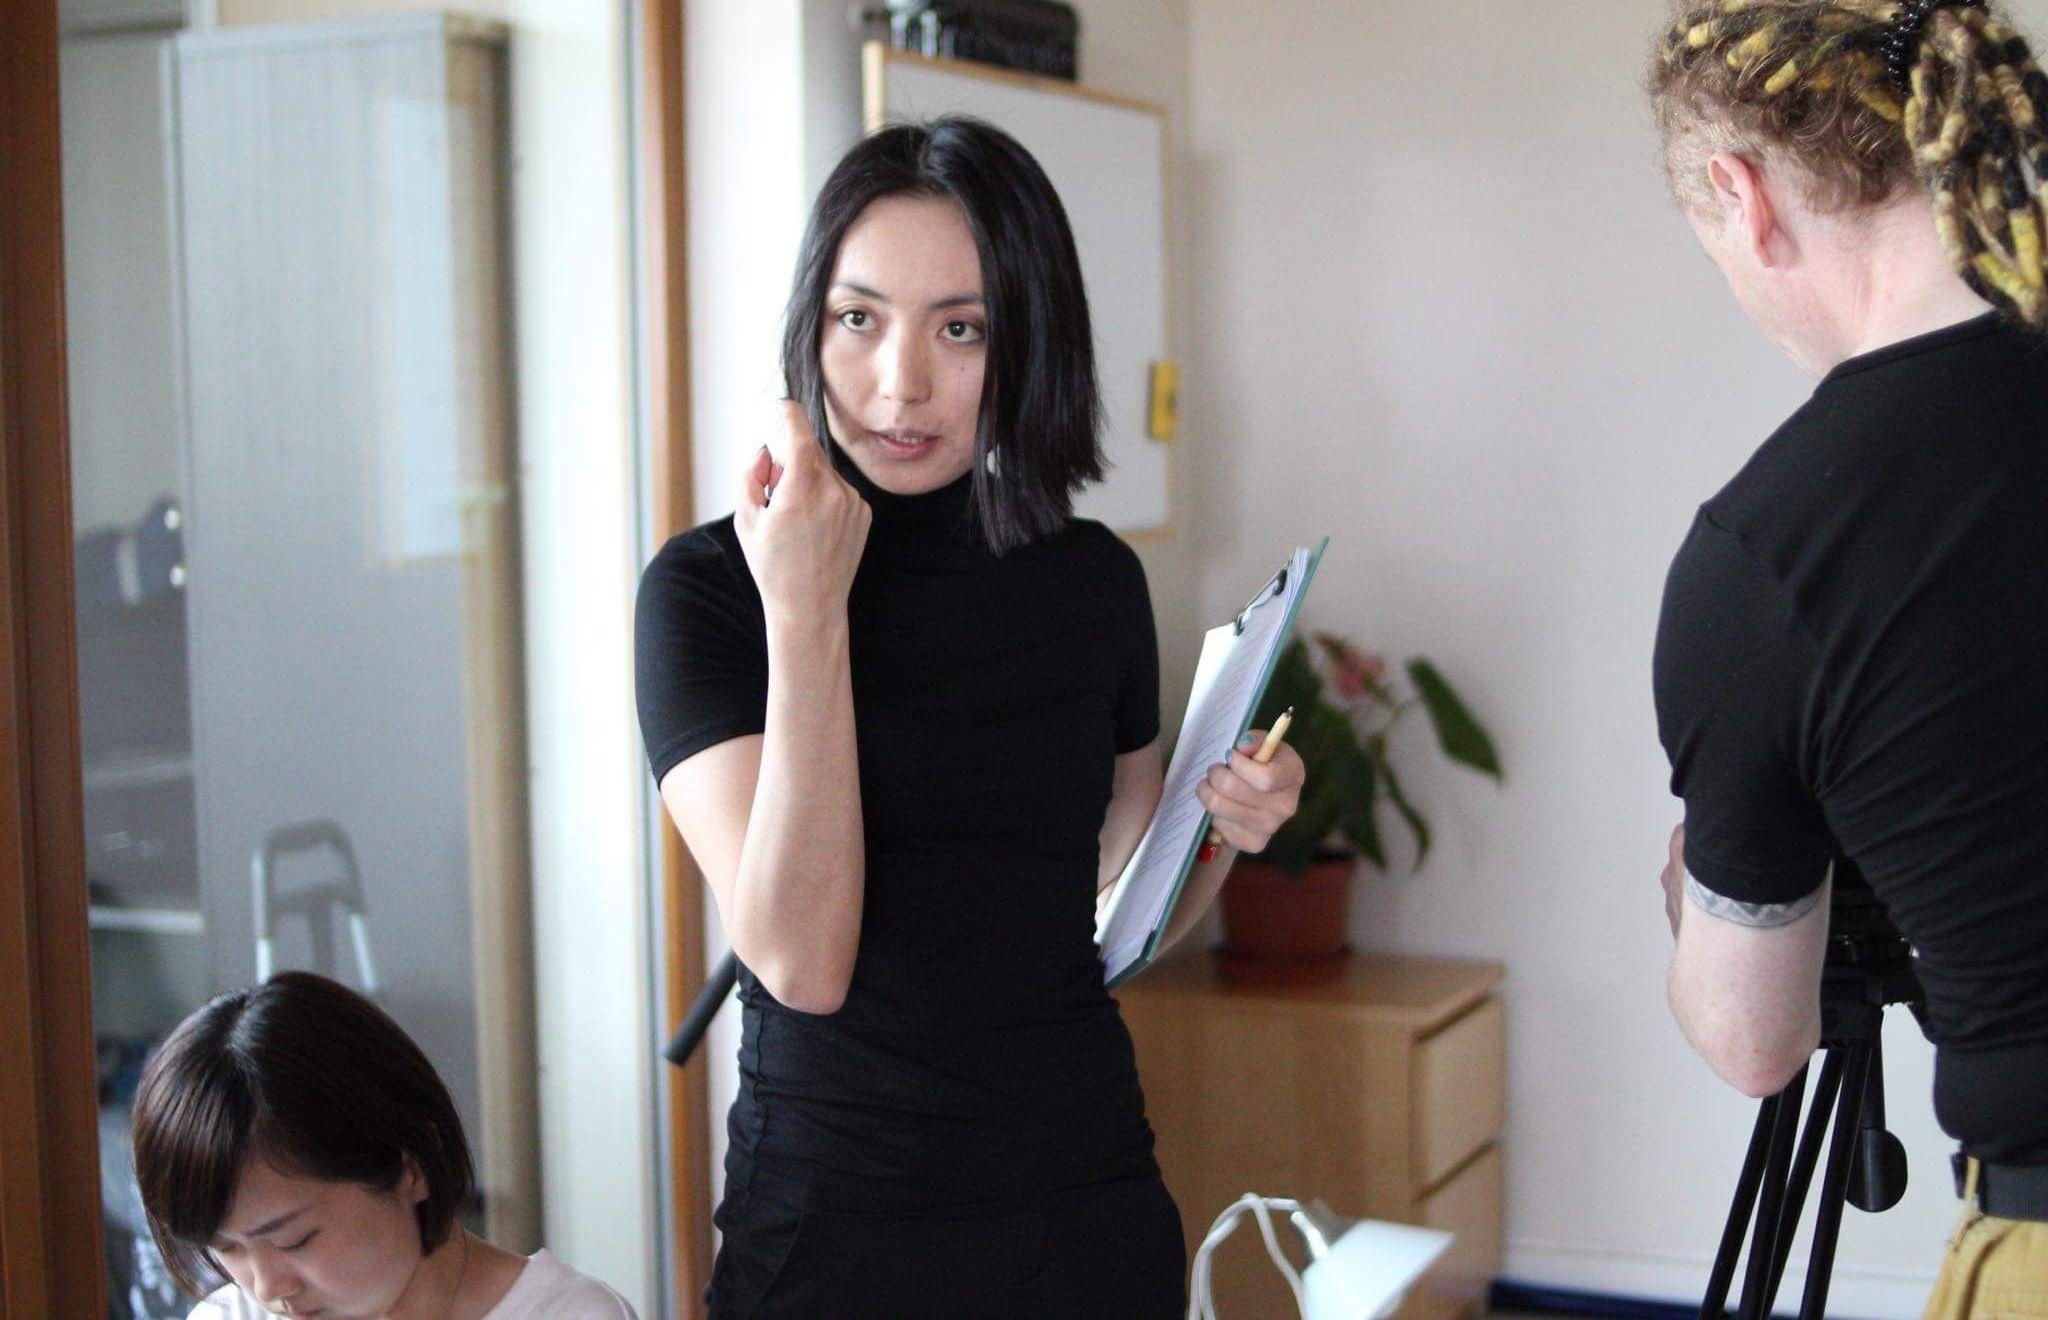 Кыргызстанка Самара Сагынбаева сейчас учится в академии искусств в Праге.